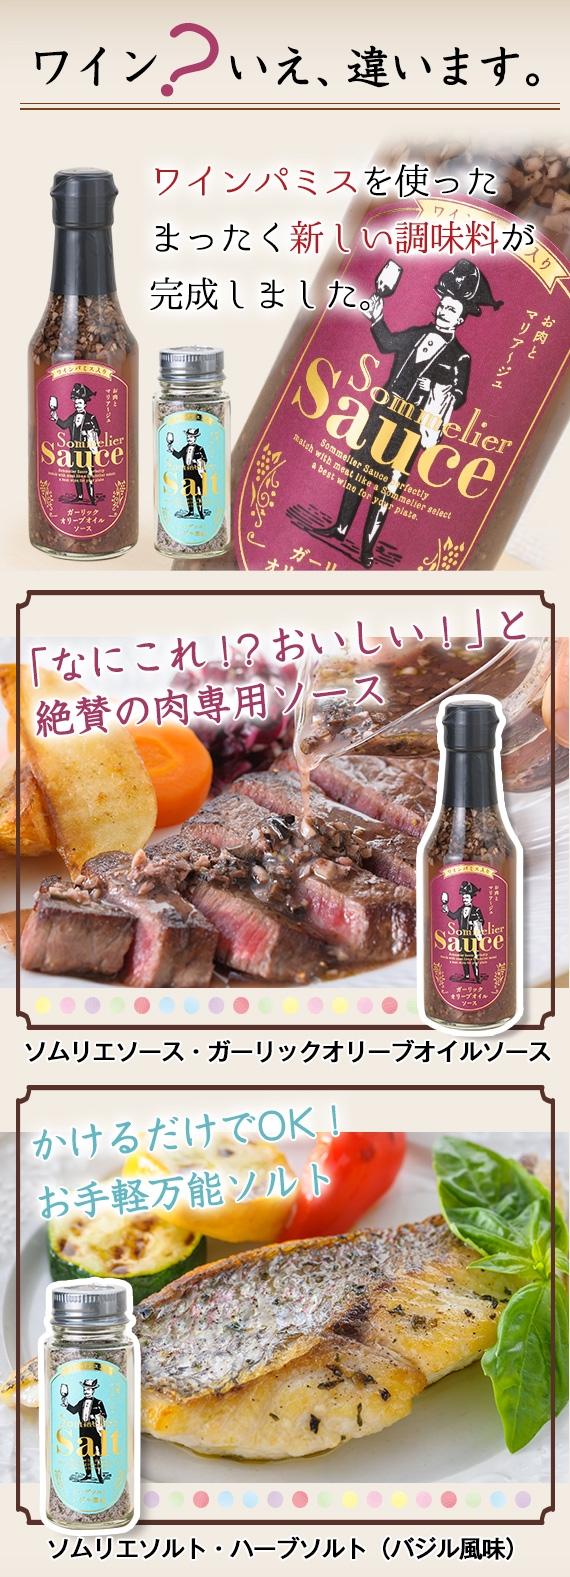 <47CLUB> おしゃれ調味料!【ソムリエSalt&Sauce】ワインパミス入り人気の2本セット画像